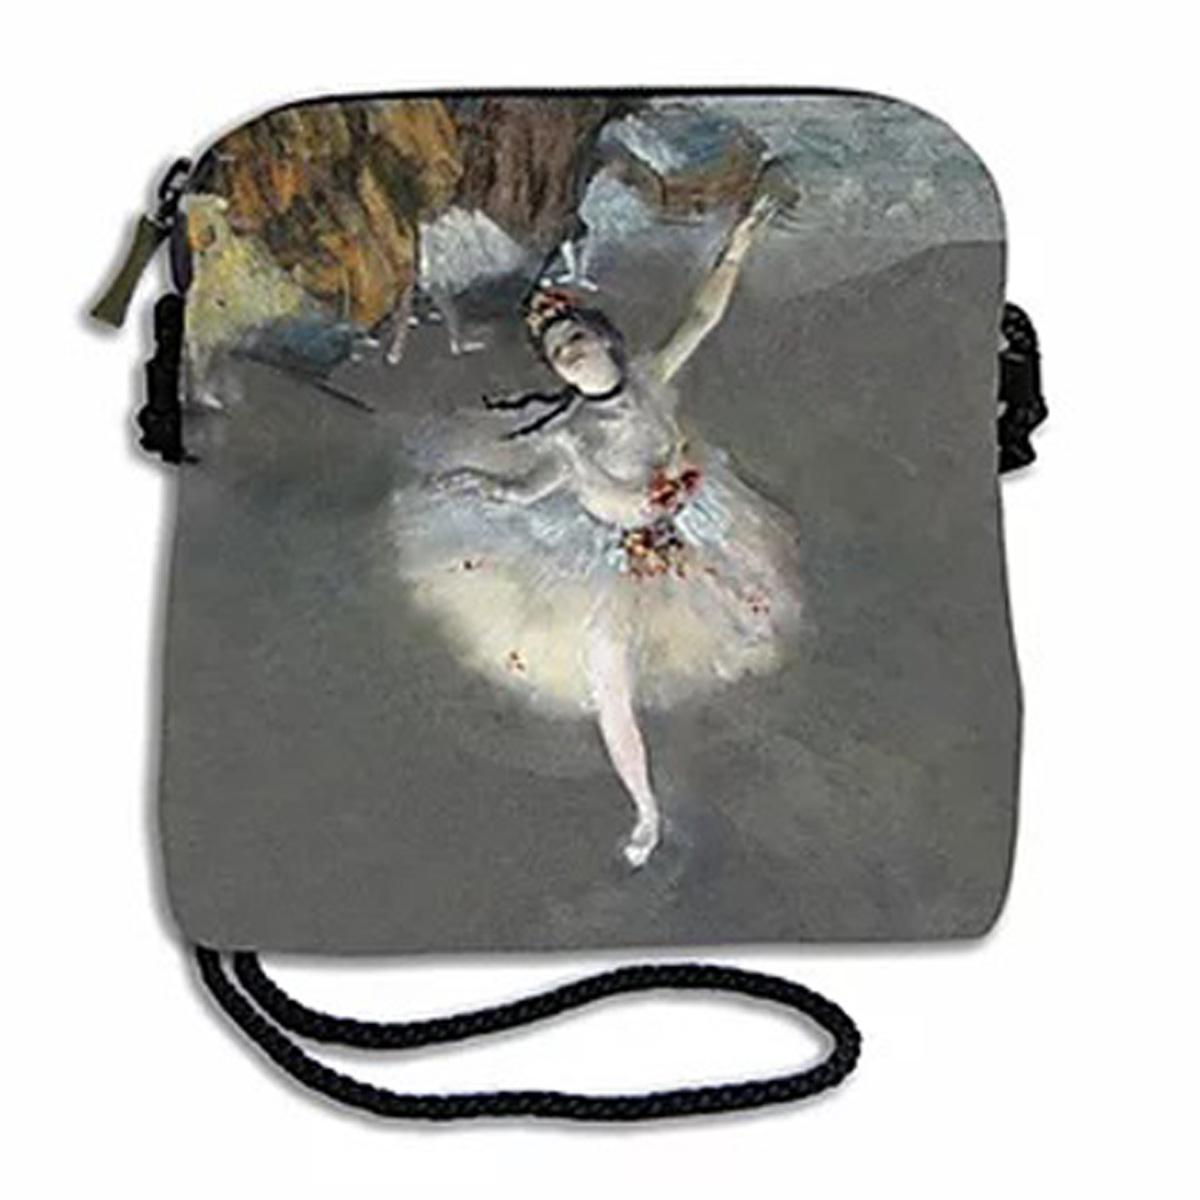 Sac bandoulière artisanal \'Edgar Degas\' (l\'Etoile)  - 18x17 cm - [A0312]